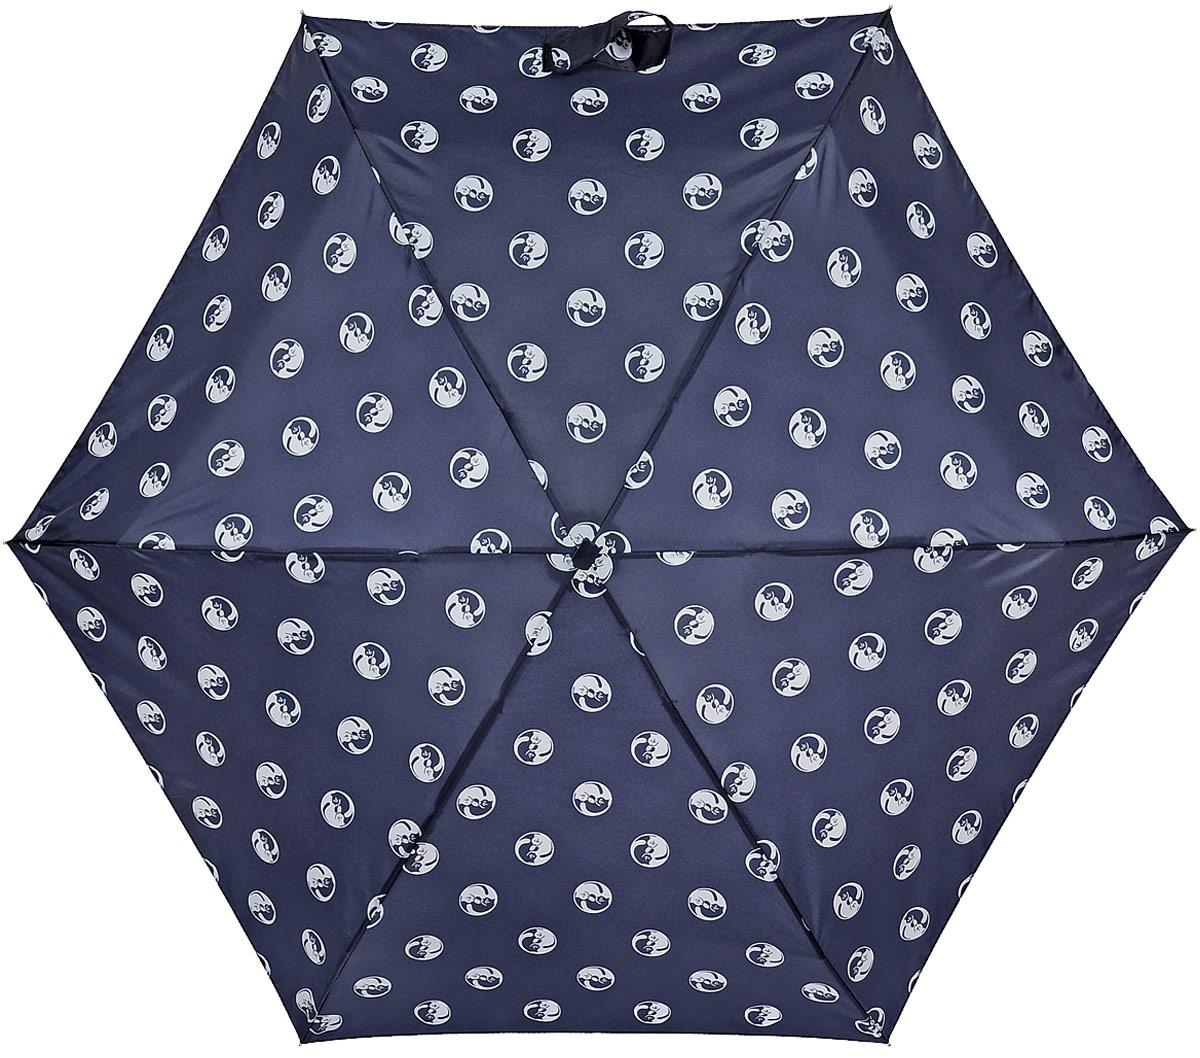 Зонт женский Fulton Yin Yang Cat, механический, 5 сложений, цвет: темно-синий. L501L501_Темно-синий_Инь-ЯньСтильный зонт Fulton Yin Yang Cat, защитит от непогоды, а его сверхкомпактный размер позволит вам всегда носить его с собой. Ветростойкий плоский алюминиевый каркас в 5 сложений состоит из шести спиц с элементами из фибергласса, зонт оснащен удобной рукояткой из прорезиненного пластика. Купол зонта выполнен из прочного полиэстера и оформлен принтом в виде кошек. На рукоятке для удобства есть небольшой шнурок, позволяющий надеть зонт на руку тогда, когда это будет необходимо. К зонту прилагается чехол. Зонт механического сложения: купол открывается и закрывается вручную, стержень также складывается вручную до характерного щелчка. Характеристики: Материал: алюминий, фибергласс, пластик, полиэстер. Длина зонта в сложенном виде: 15 см. Длина ручки (стержня) в раскрытом виде: 50 см.